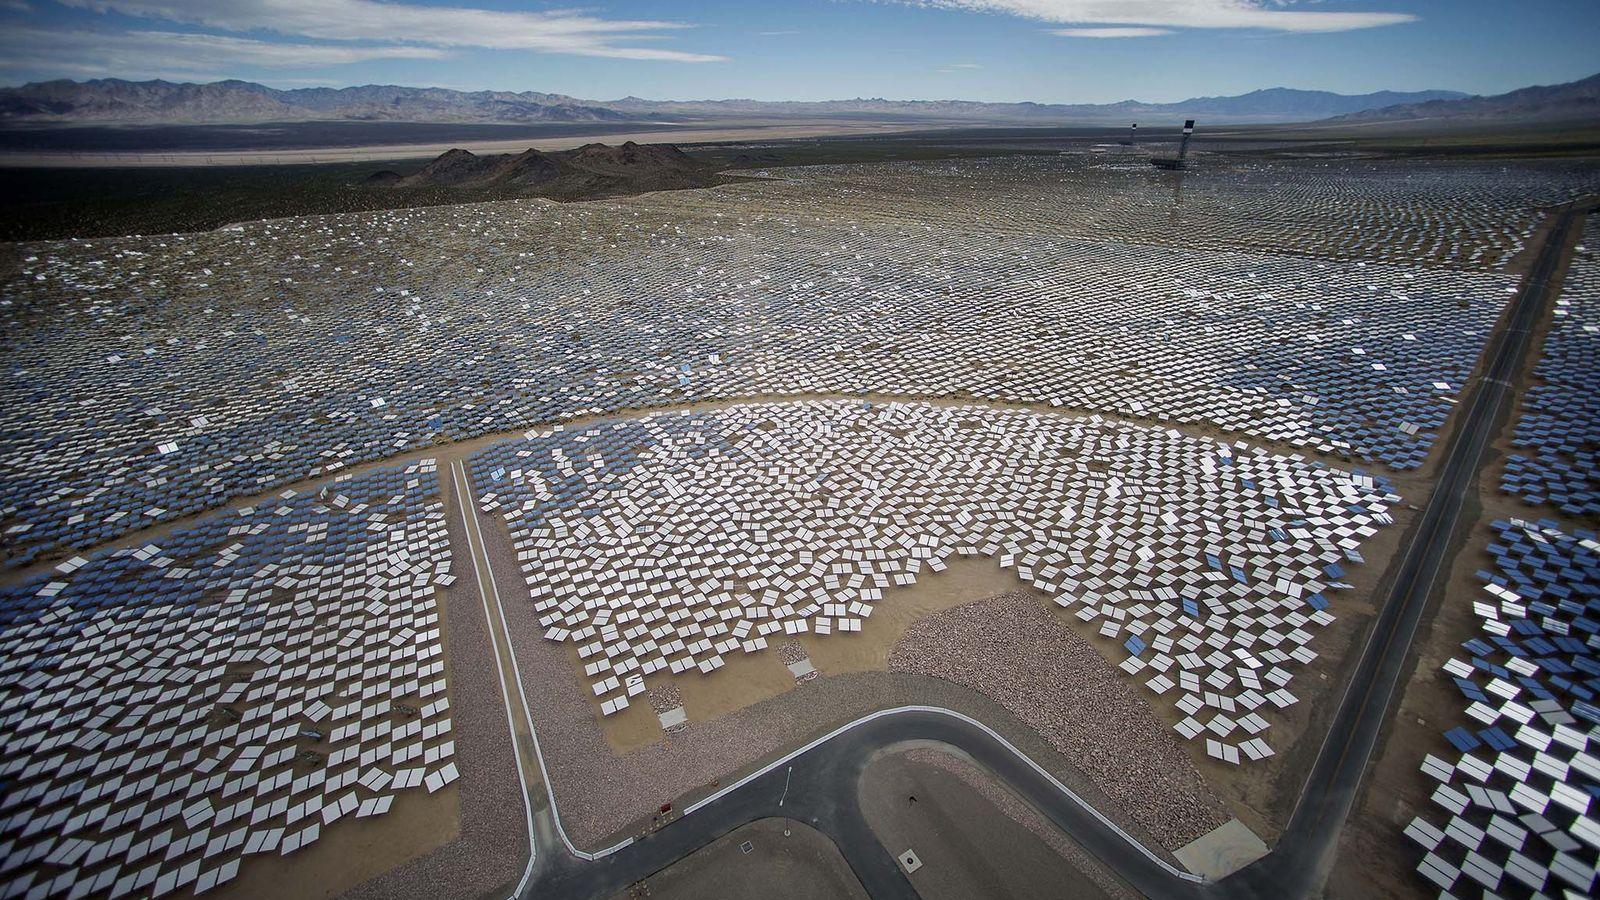 Solarpaneele im Ivanpah Solar Electric Generating System